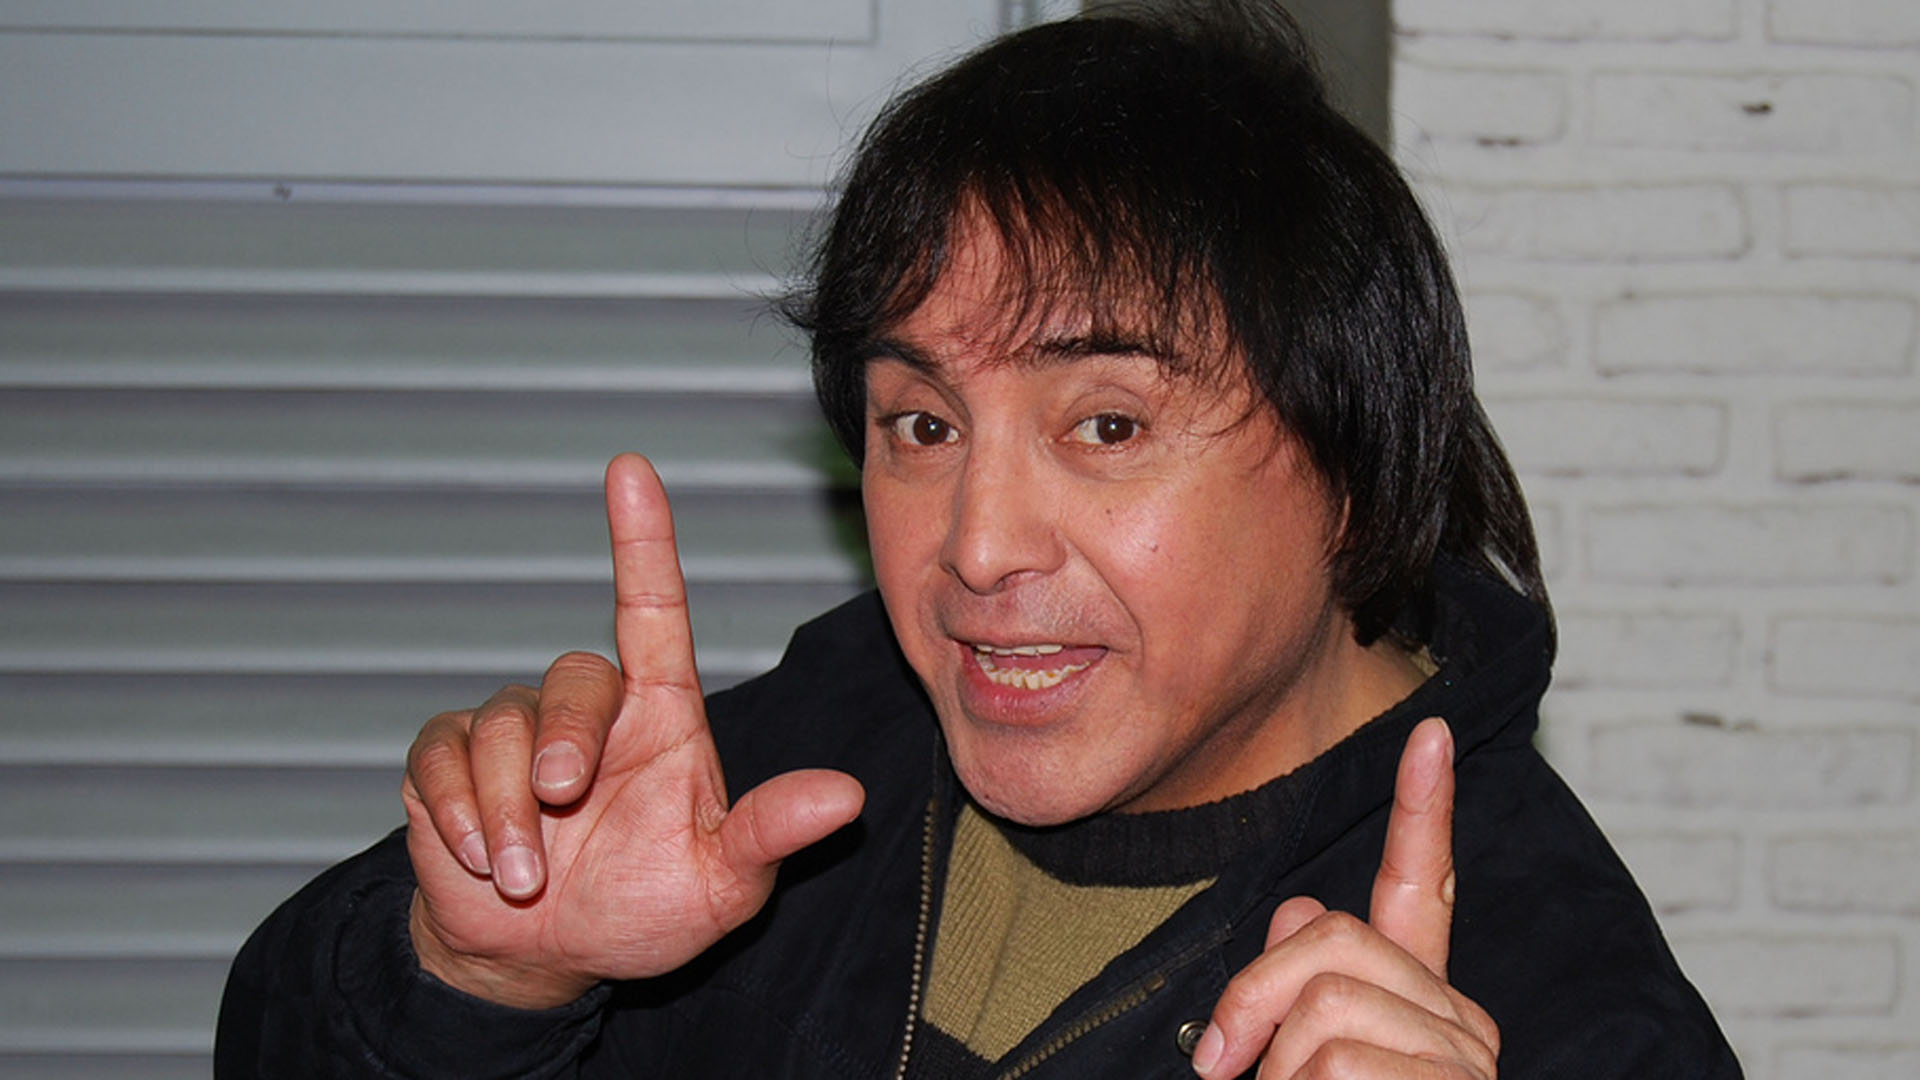 Ricky Maravilla